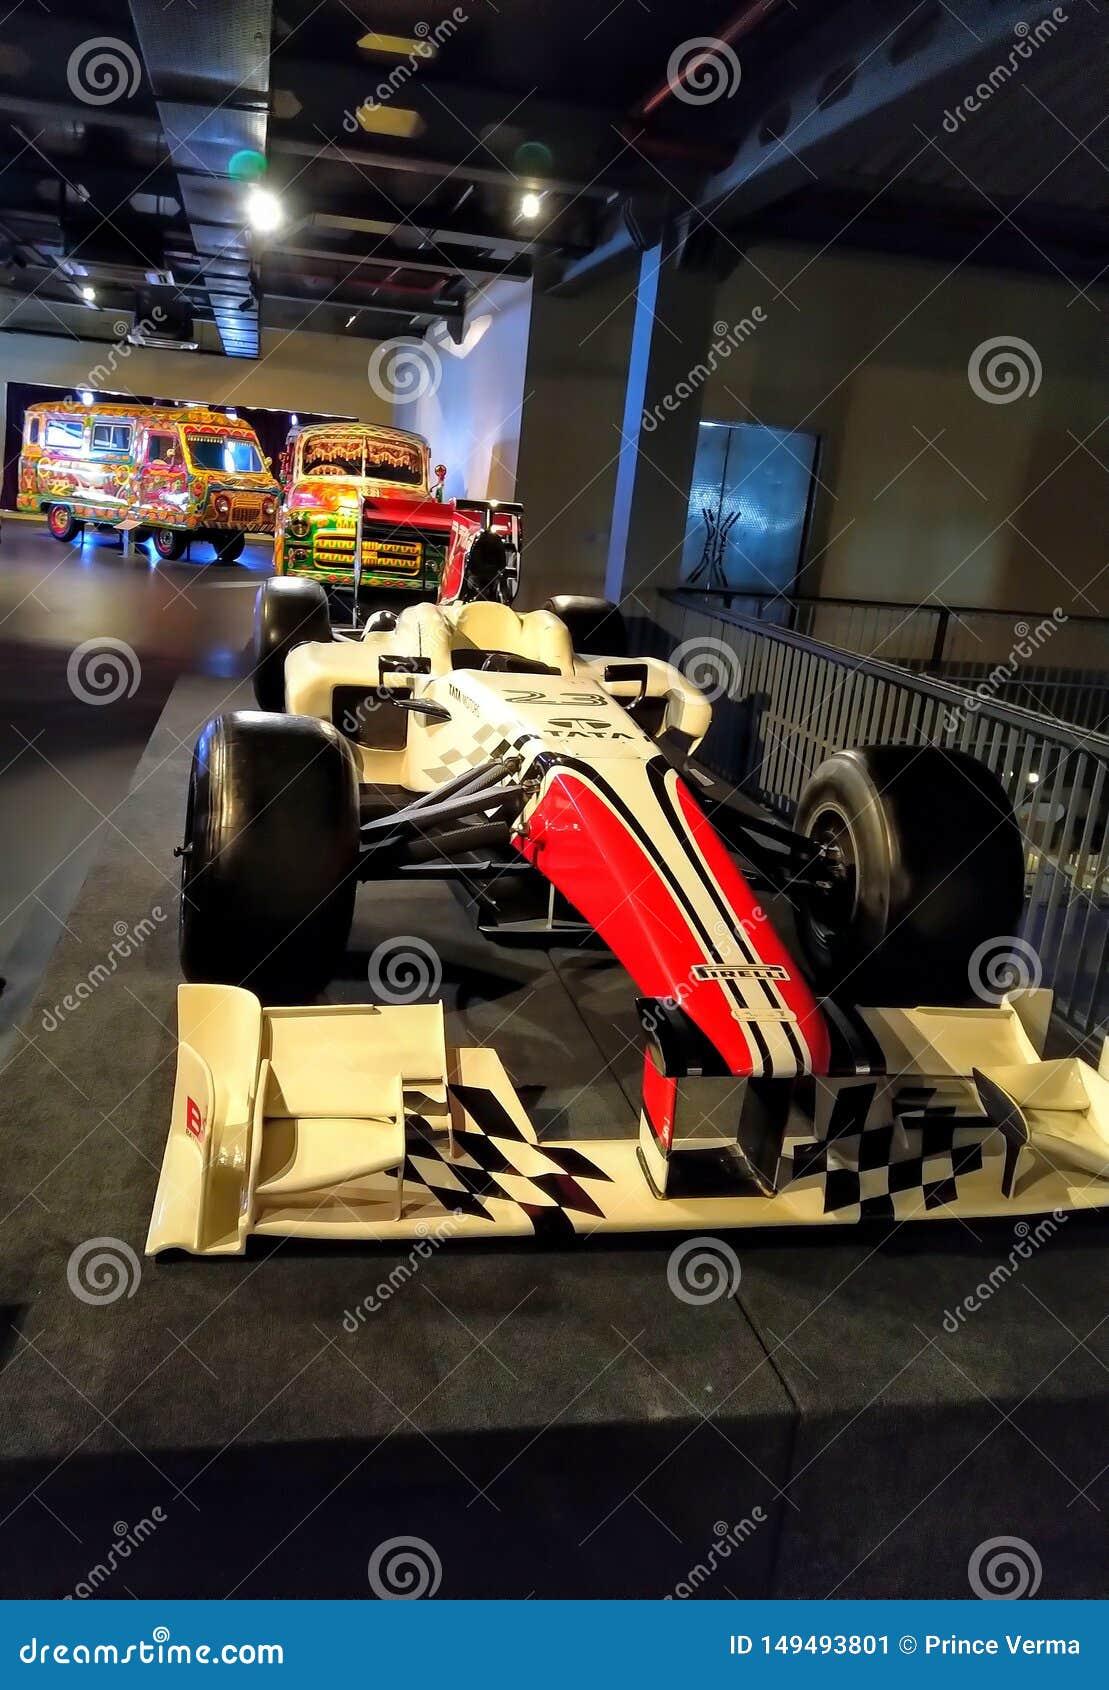 Το παλαιό αναδρομικό εκλεκτής ποιότητας αγωνιστικό αυτοκίνητο παρουσιάζει στο μουσείο Αγωνιστικό αυτοκίνητο τύπου κόκκινου χρώματ